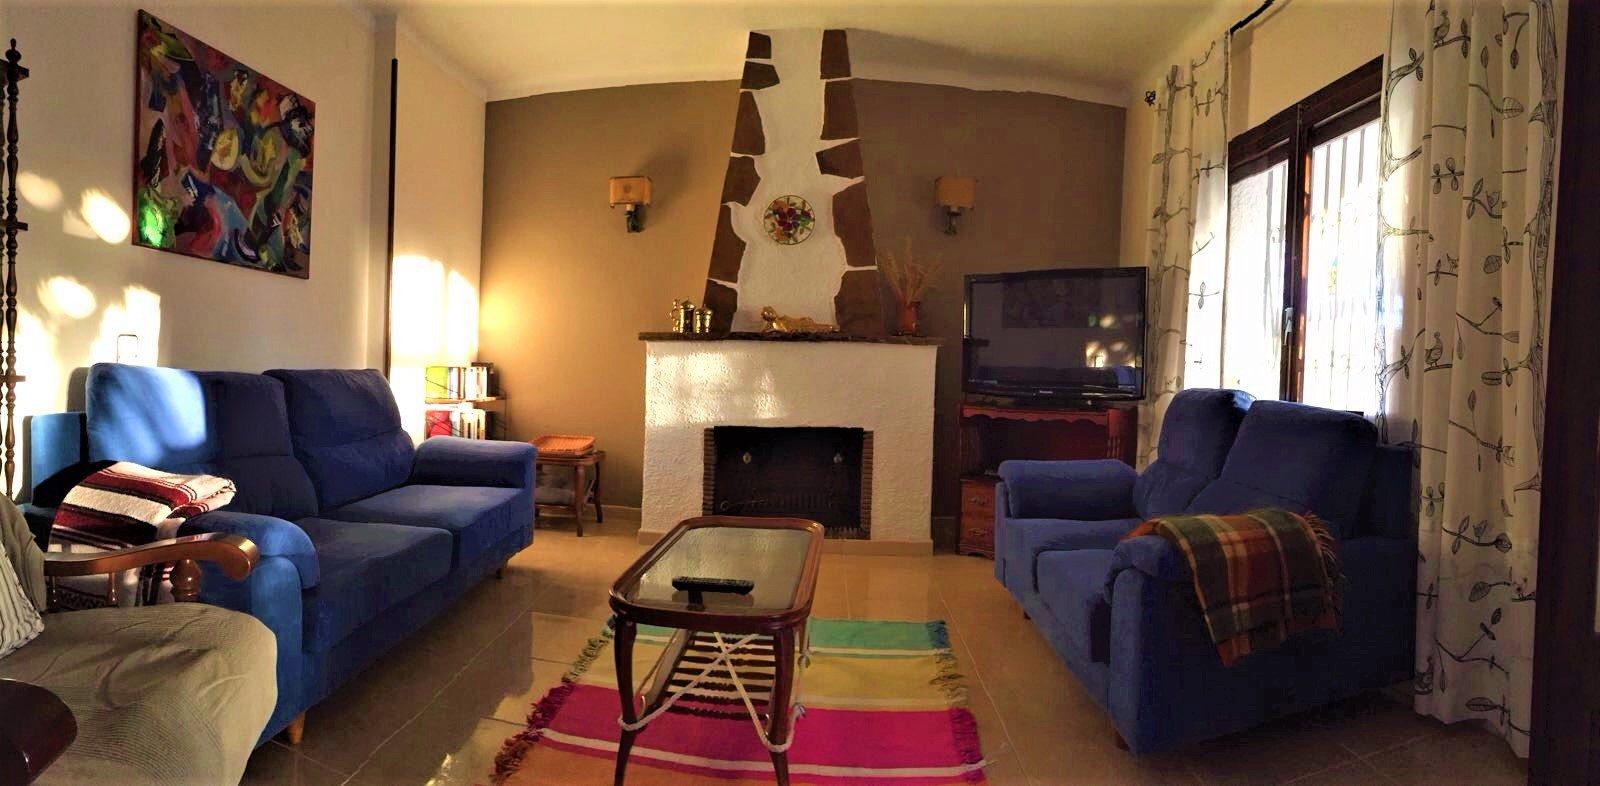 Wohnzimmer-panorama02.21